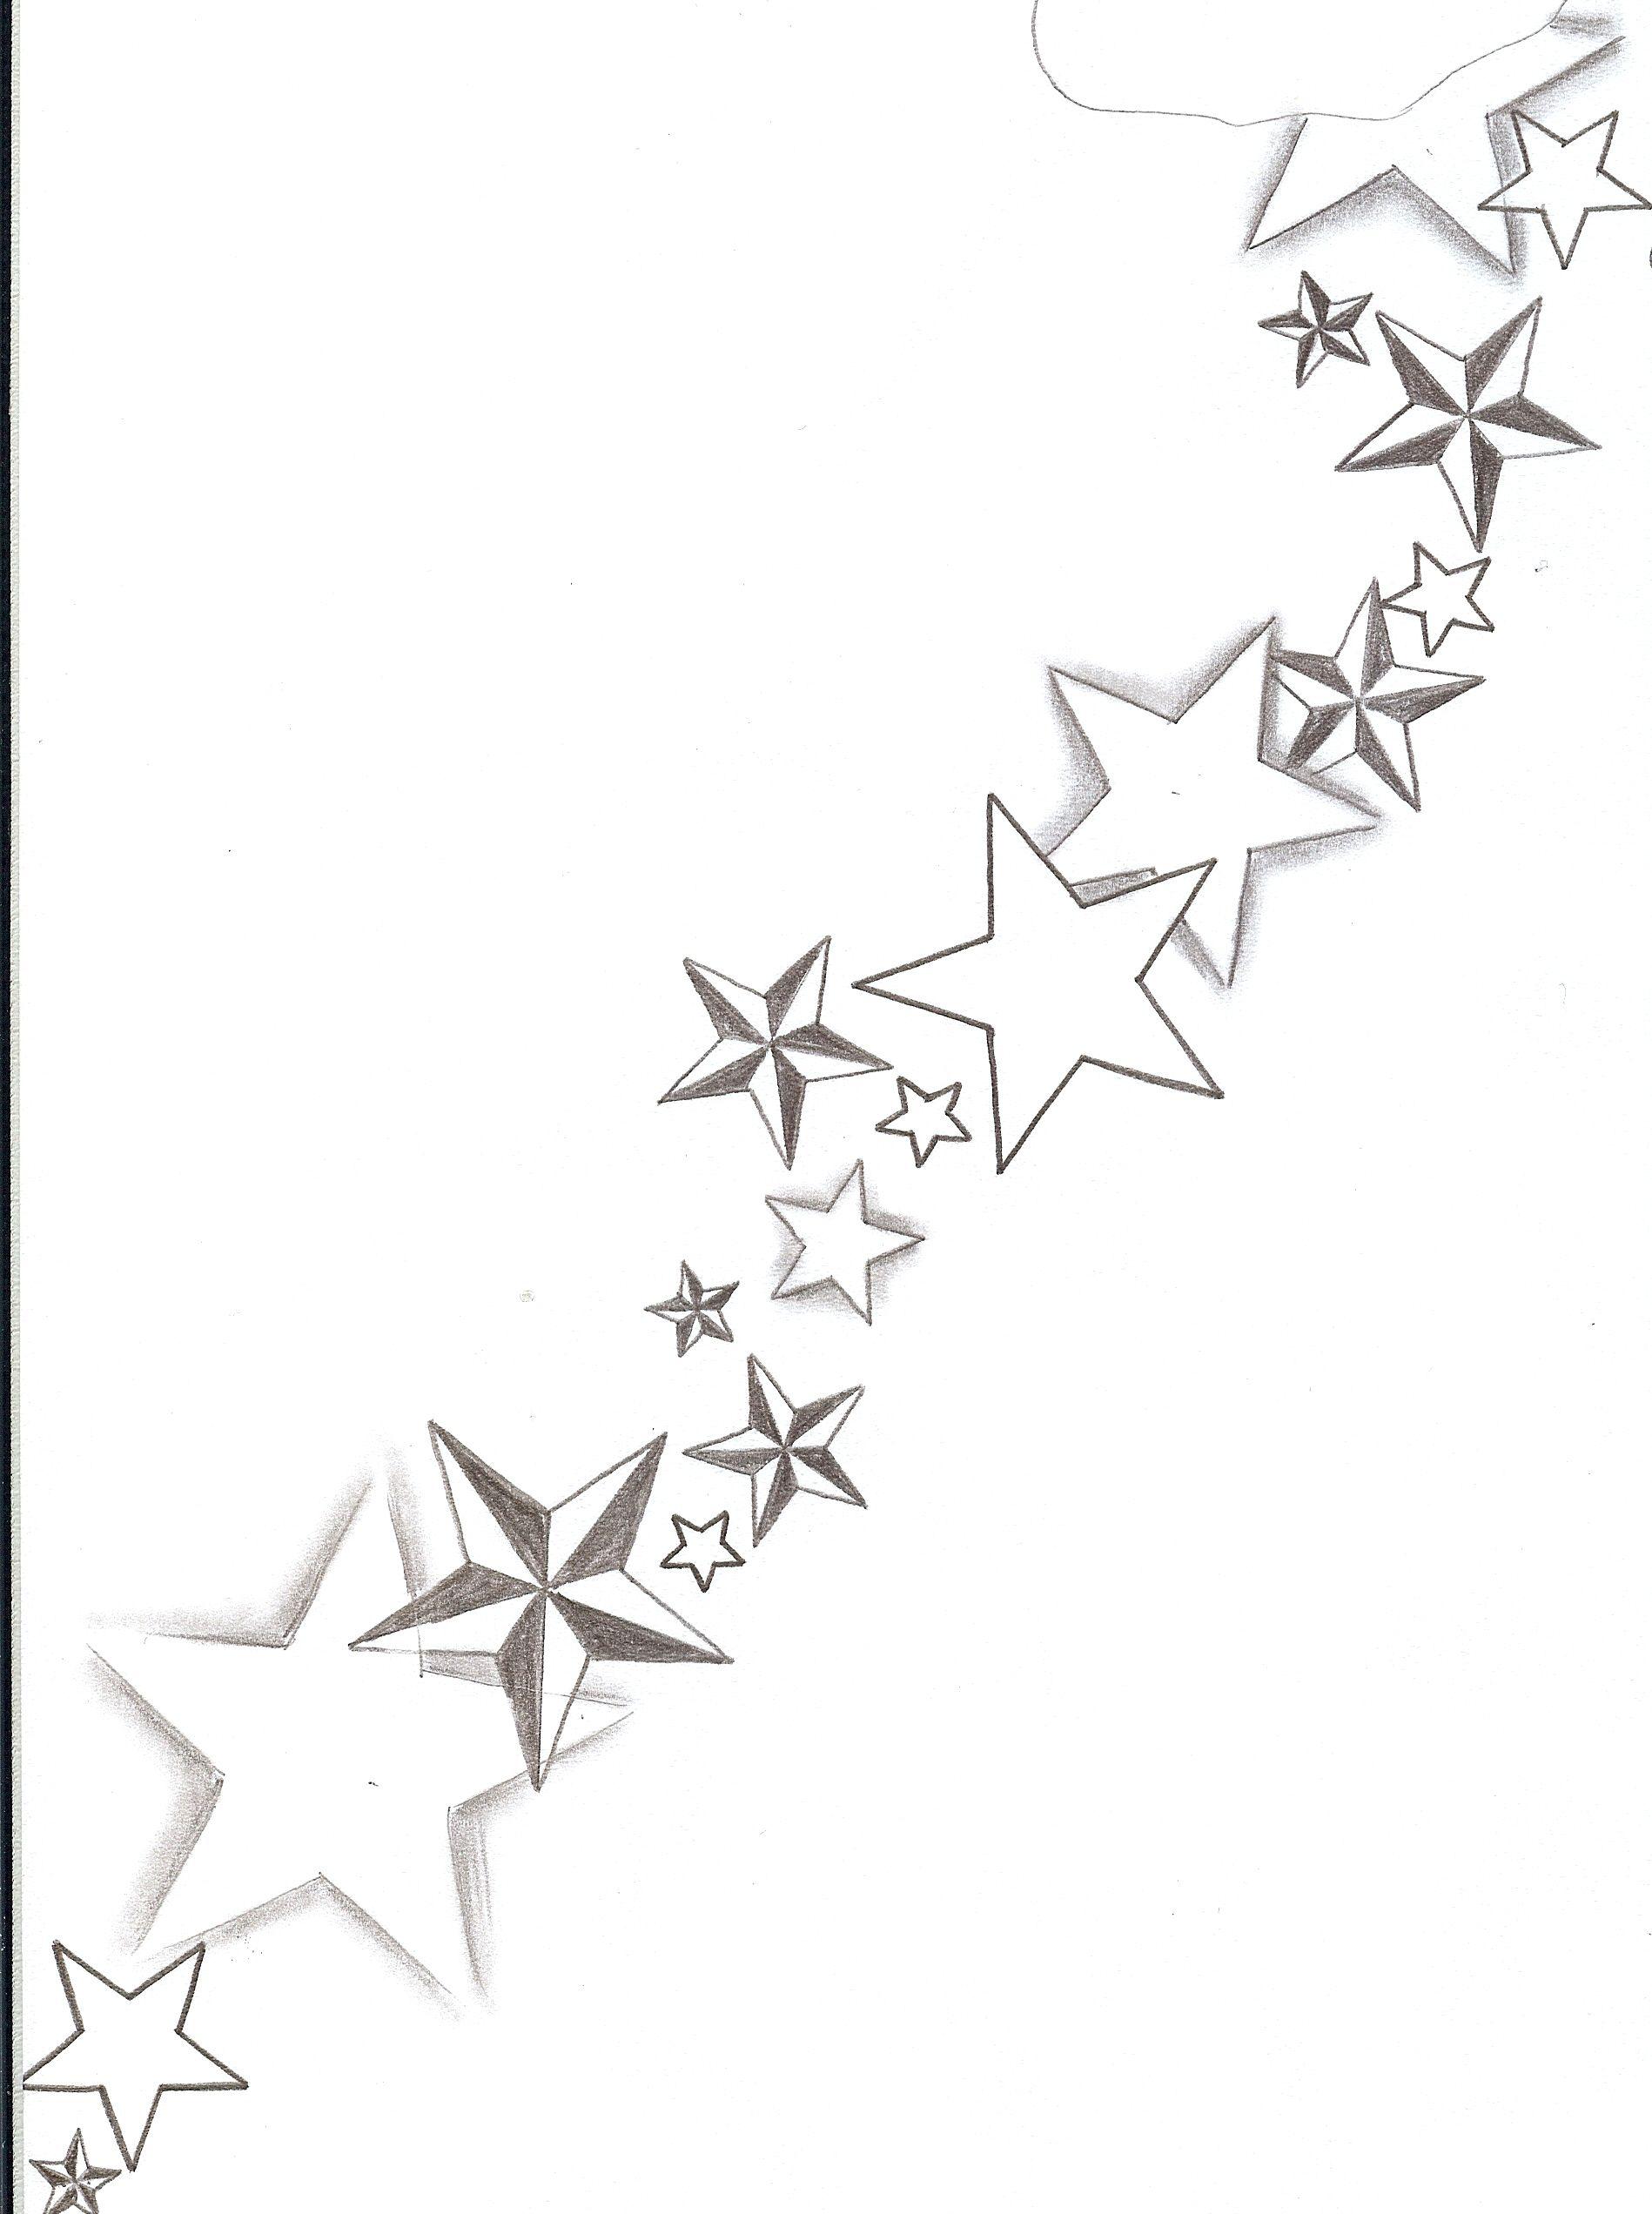 Shaded Star Tattoos Designs Tattoo Flash Stars Shadings By Nautical Star Tattoos Cloud Tattoo Design Star Tattoo Designs